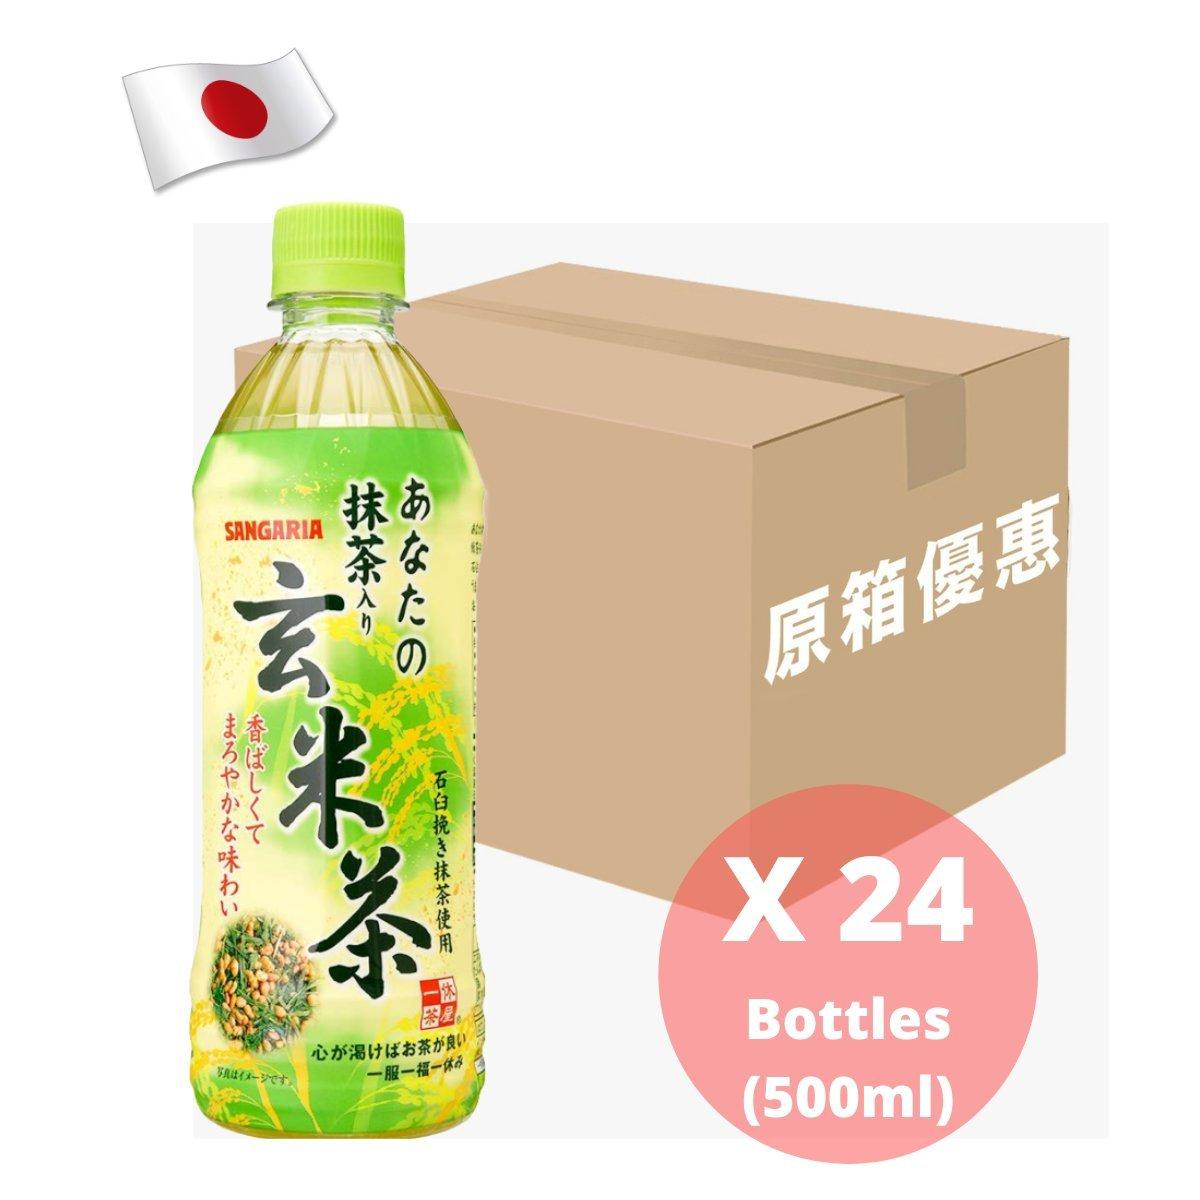 (番號781) 日本 枝裝 無糖抹茶玄米茶 無糖玄米茶 500ml *24枝 原箱